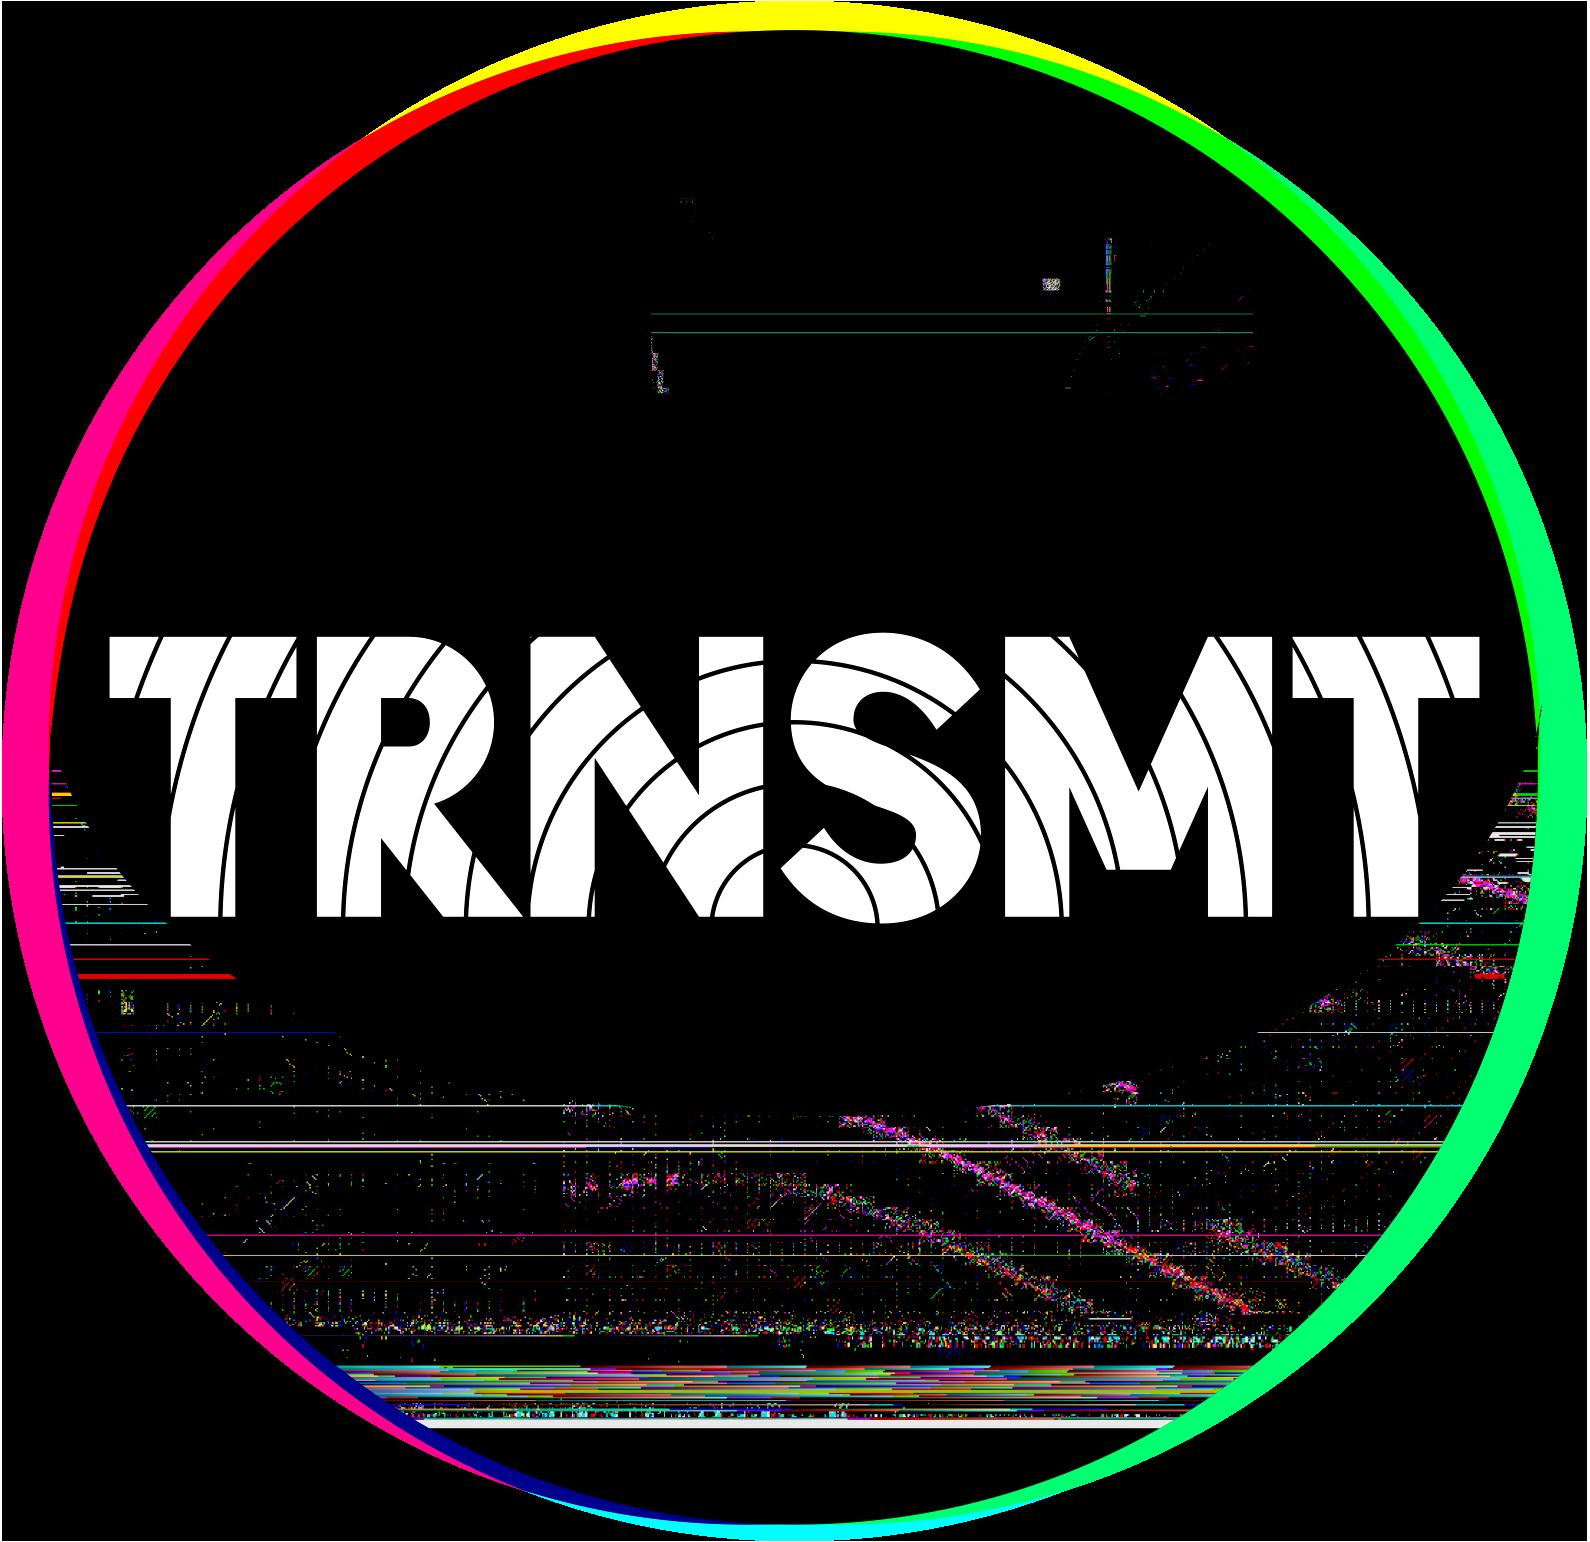 TRNSMT festival logo